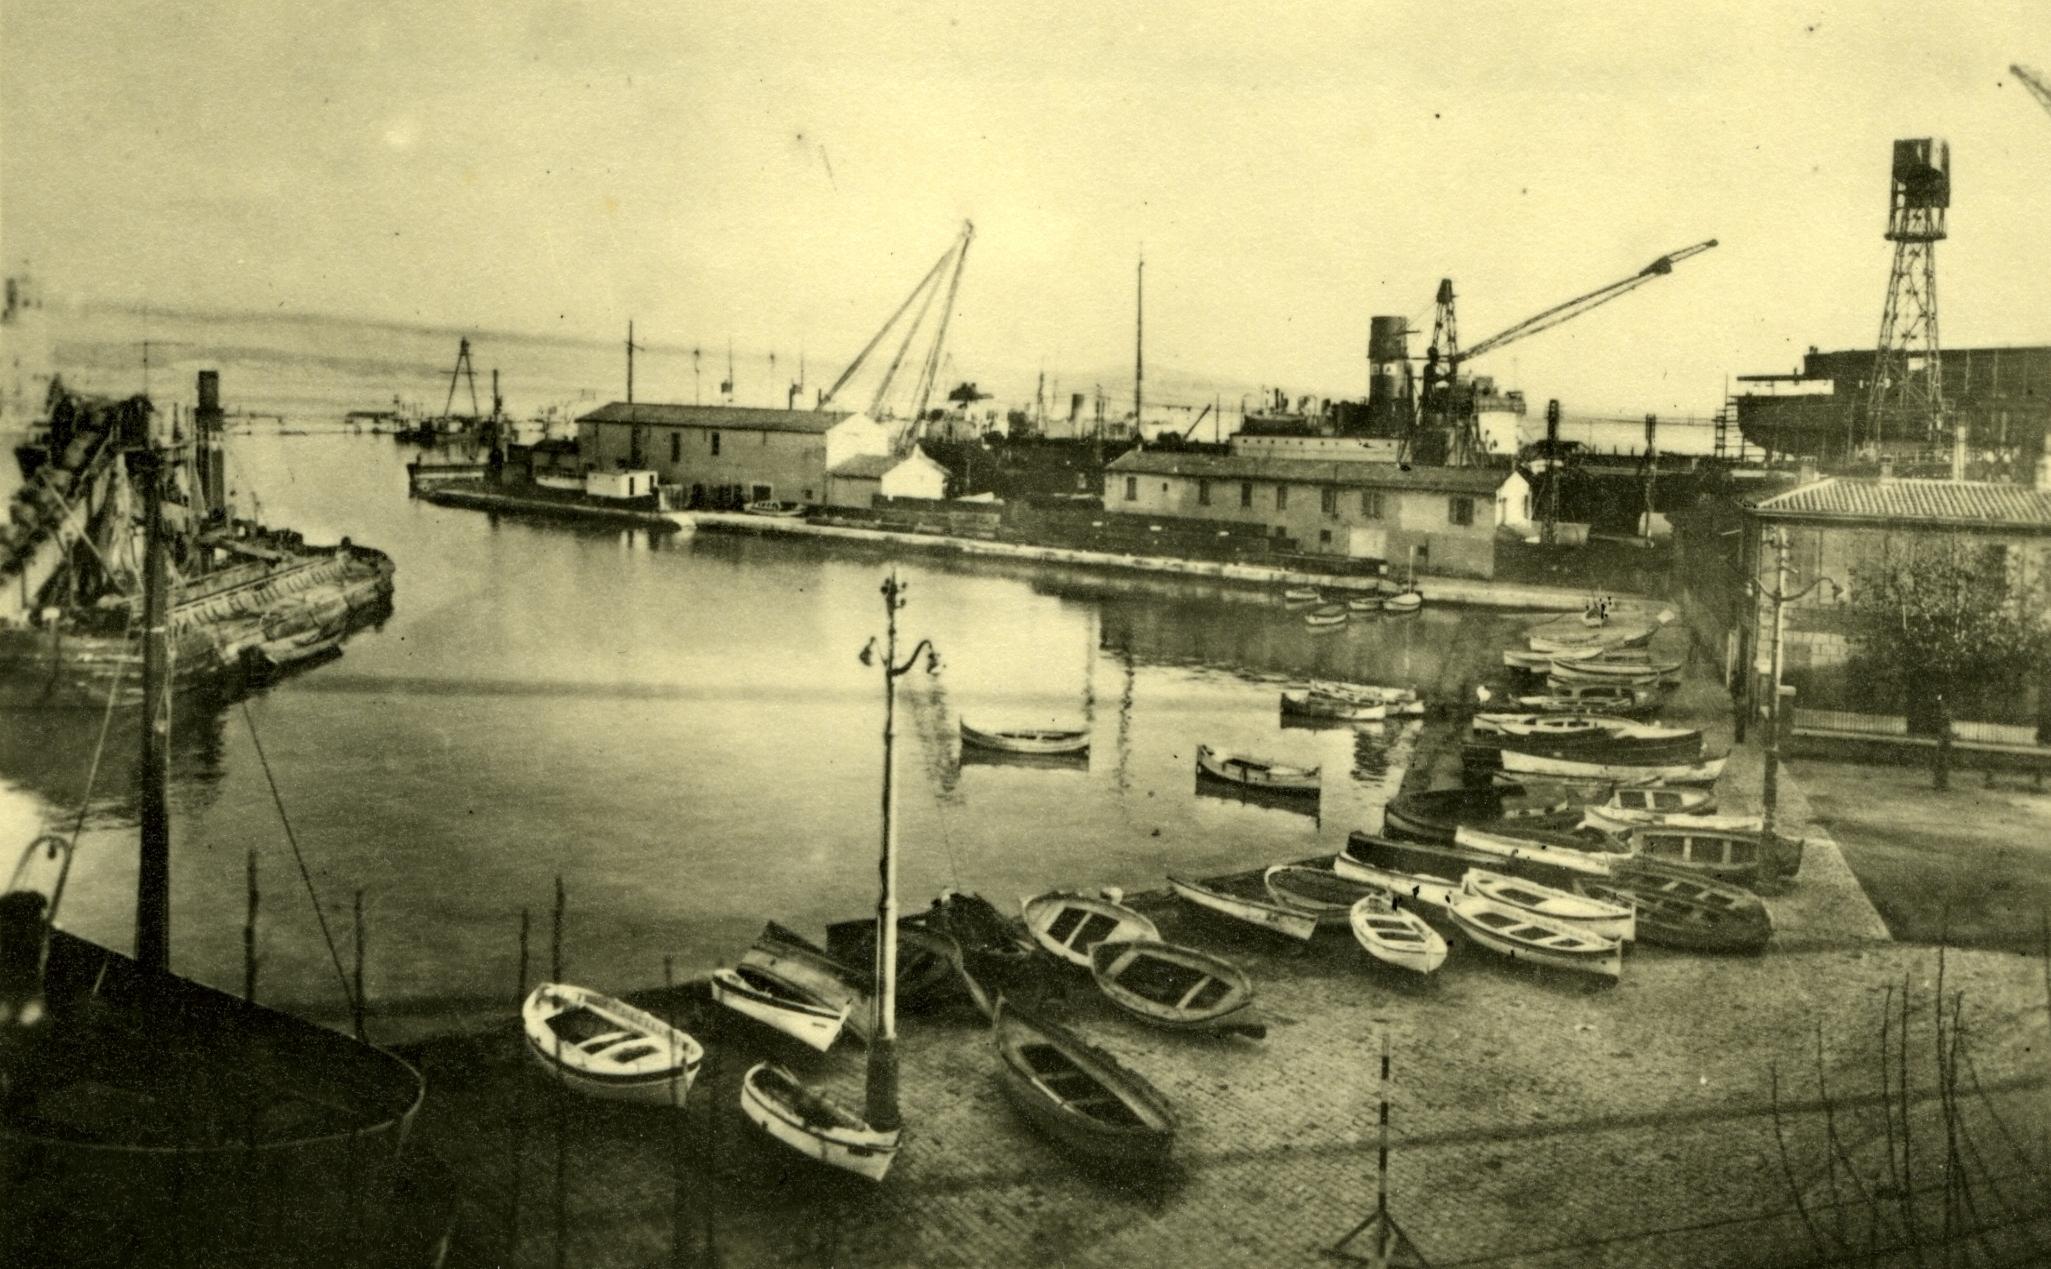 Le paisible plan d'eau de l'Escalet en 1935. Il sera comblé dès la fin de la Seconde Guerre Mondiale sur une superficie de 8600 m². A gauche, une drague cure le port.